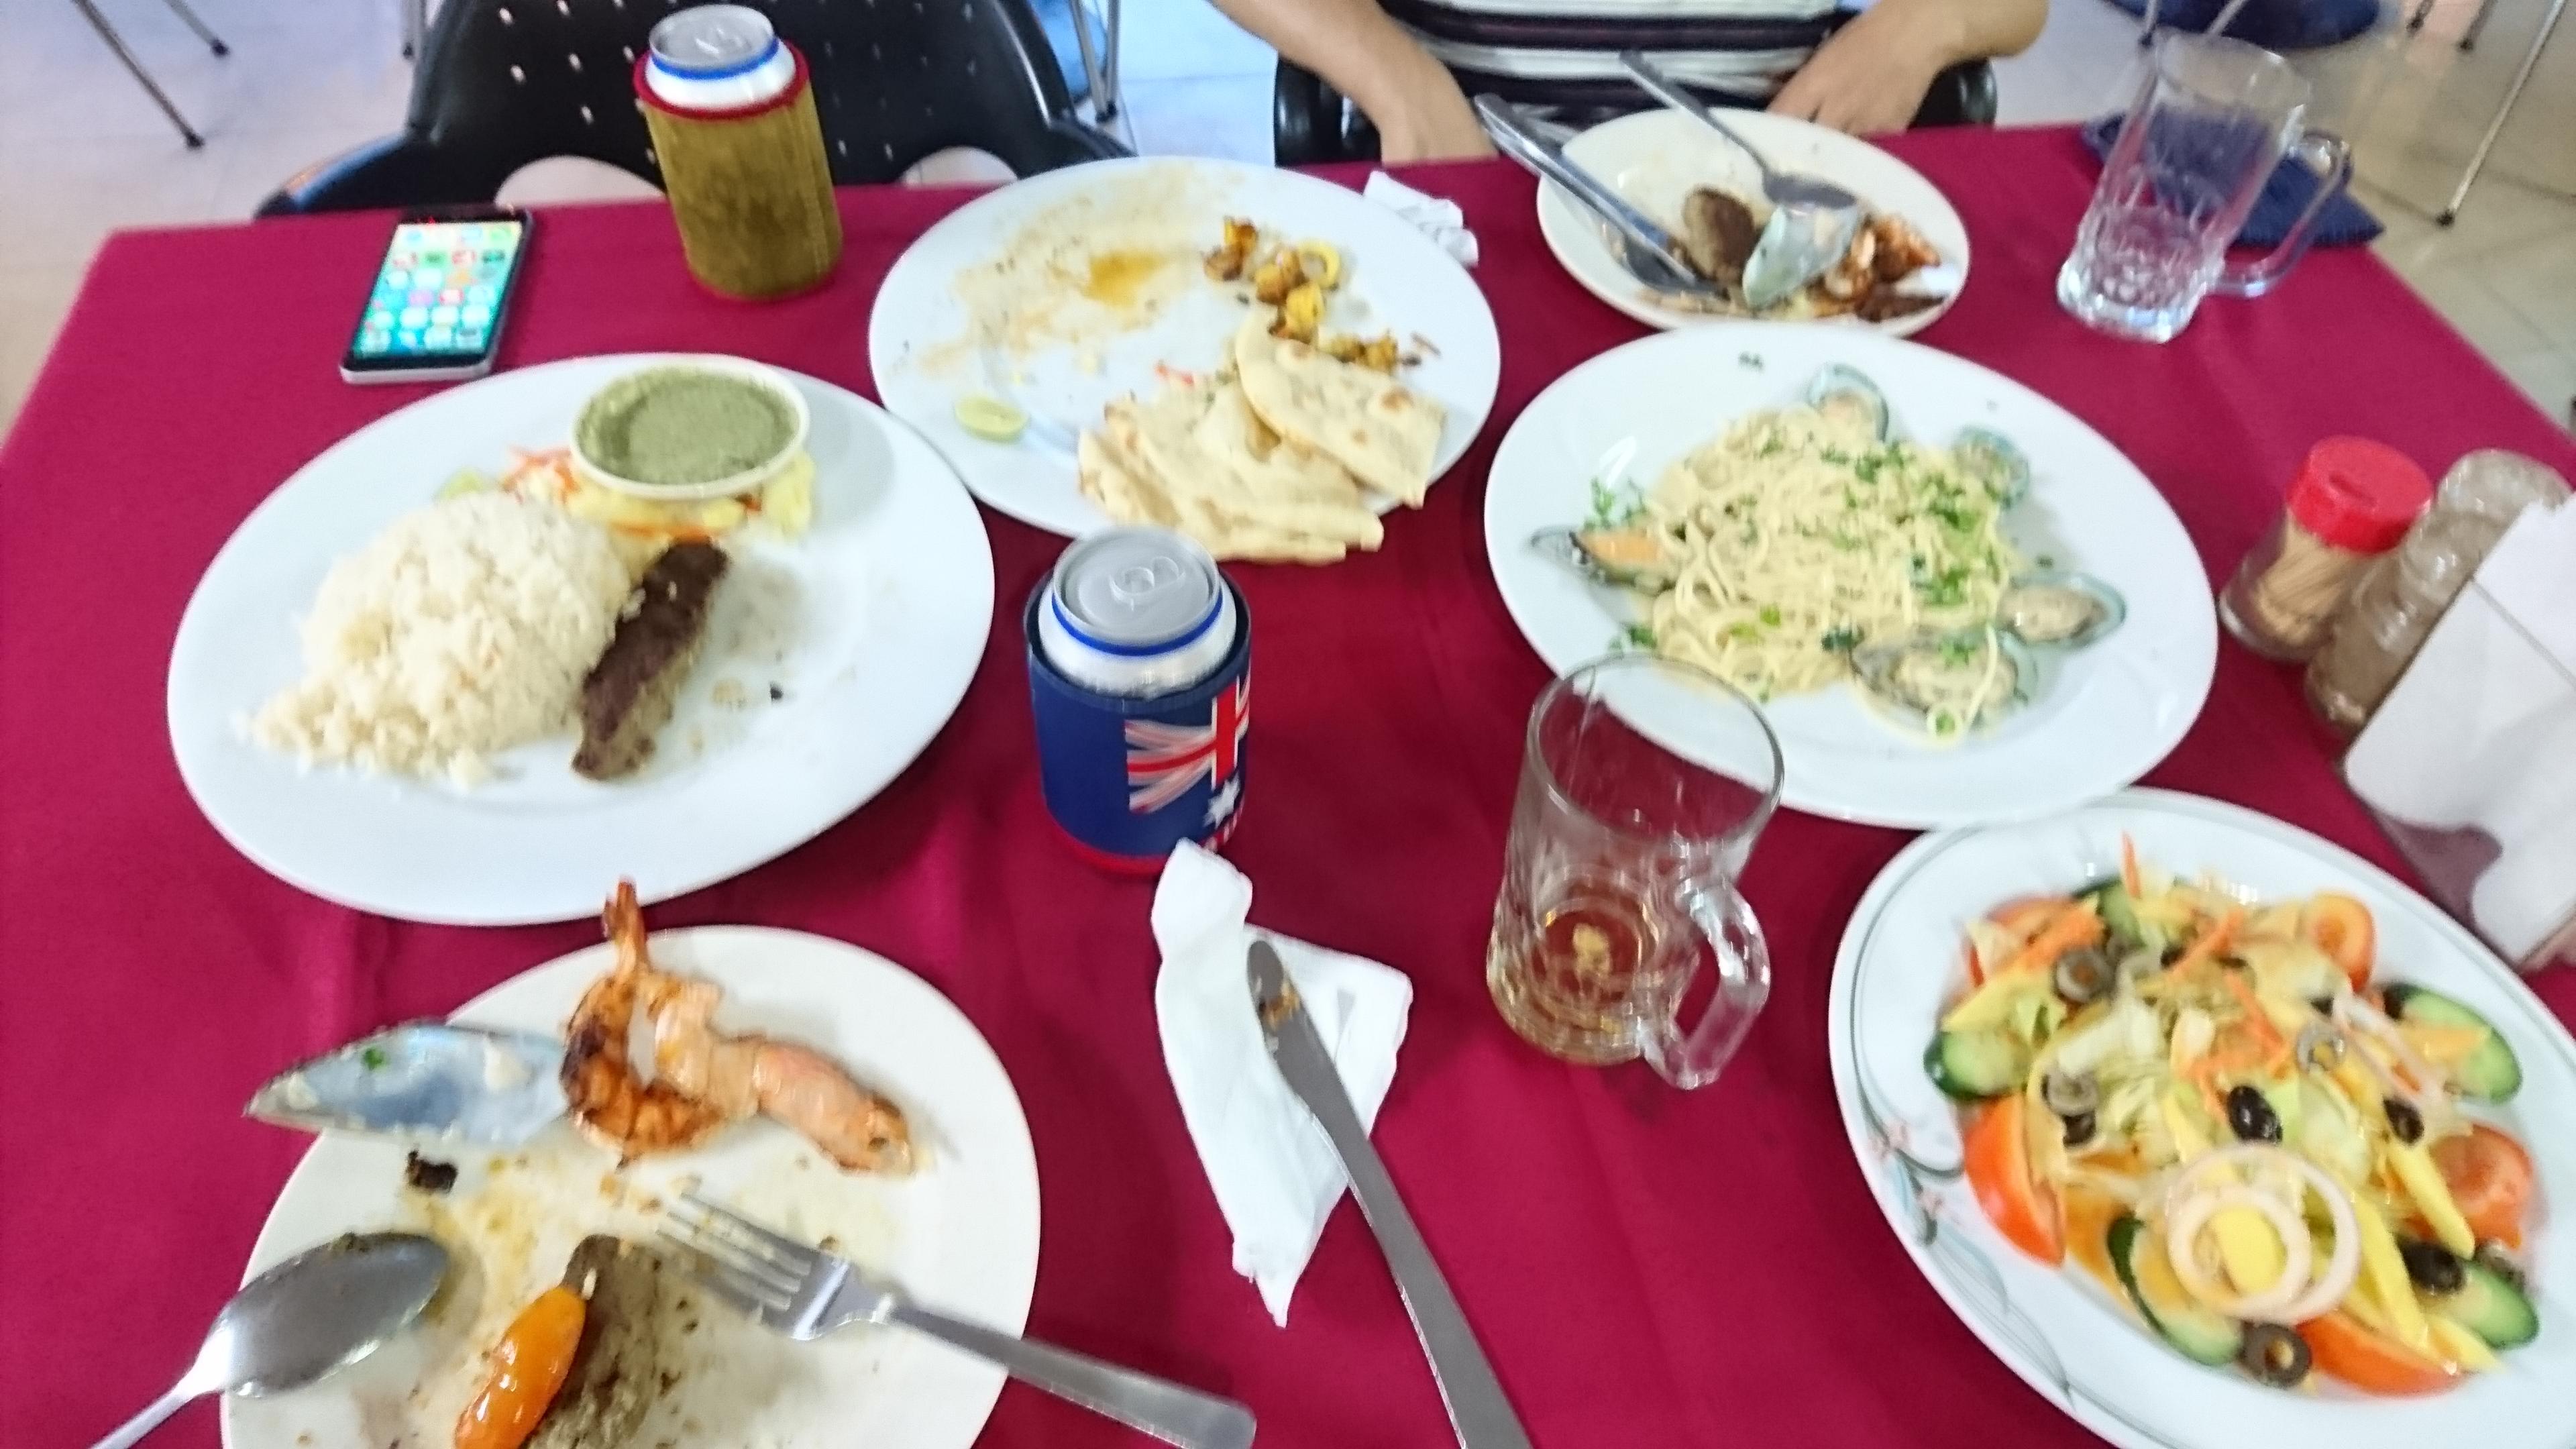 発表後のボスとの会食。どれも美味しかった。ごちそうさまでした。